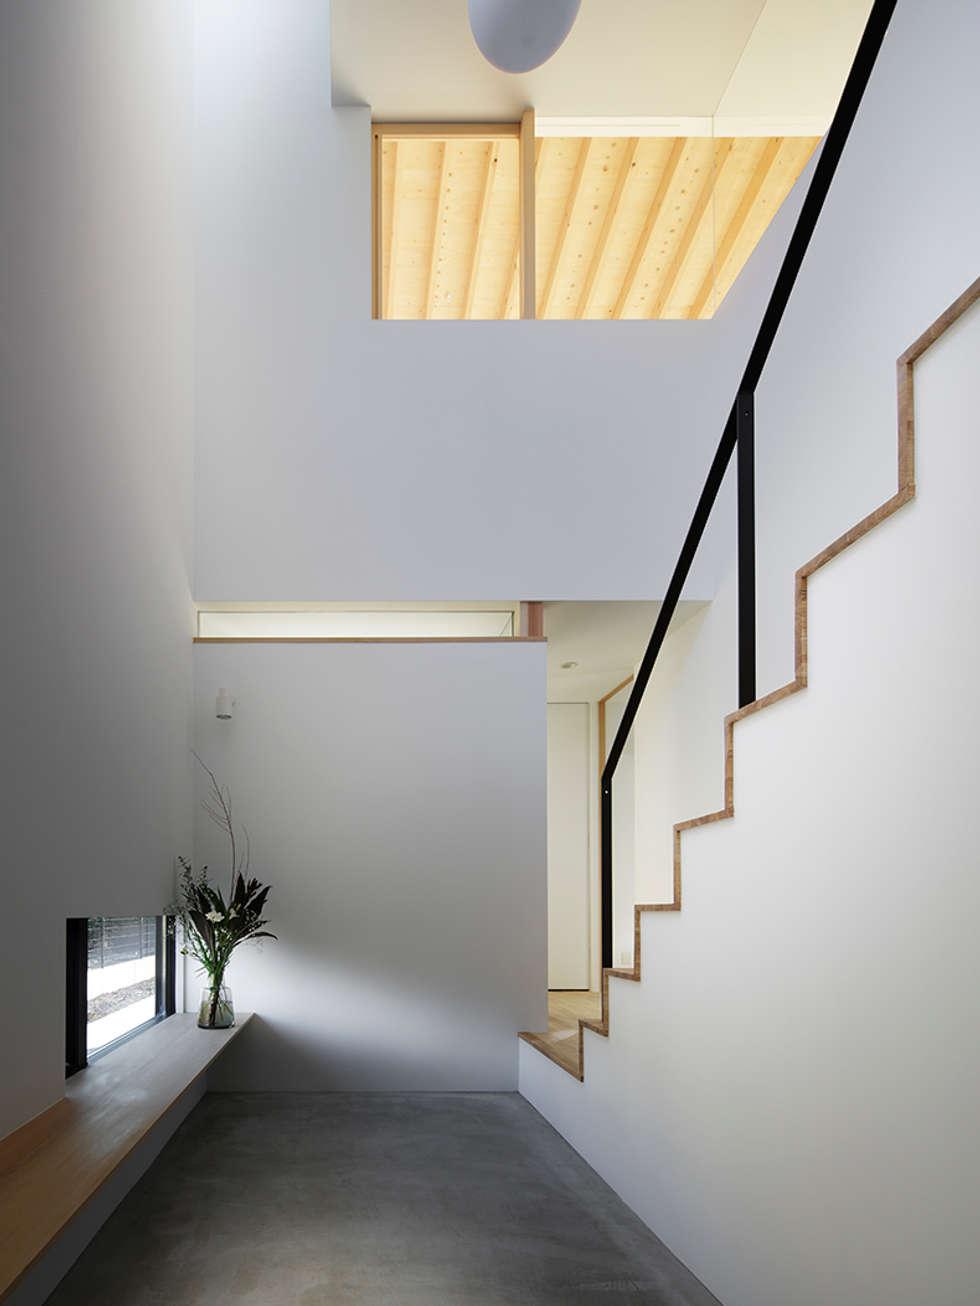 ホール: 内田雄介設計室 が手掛けた家です。